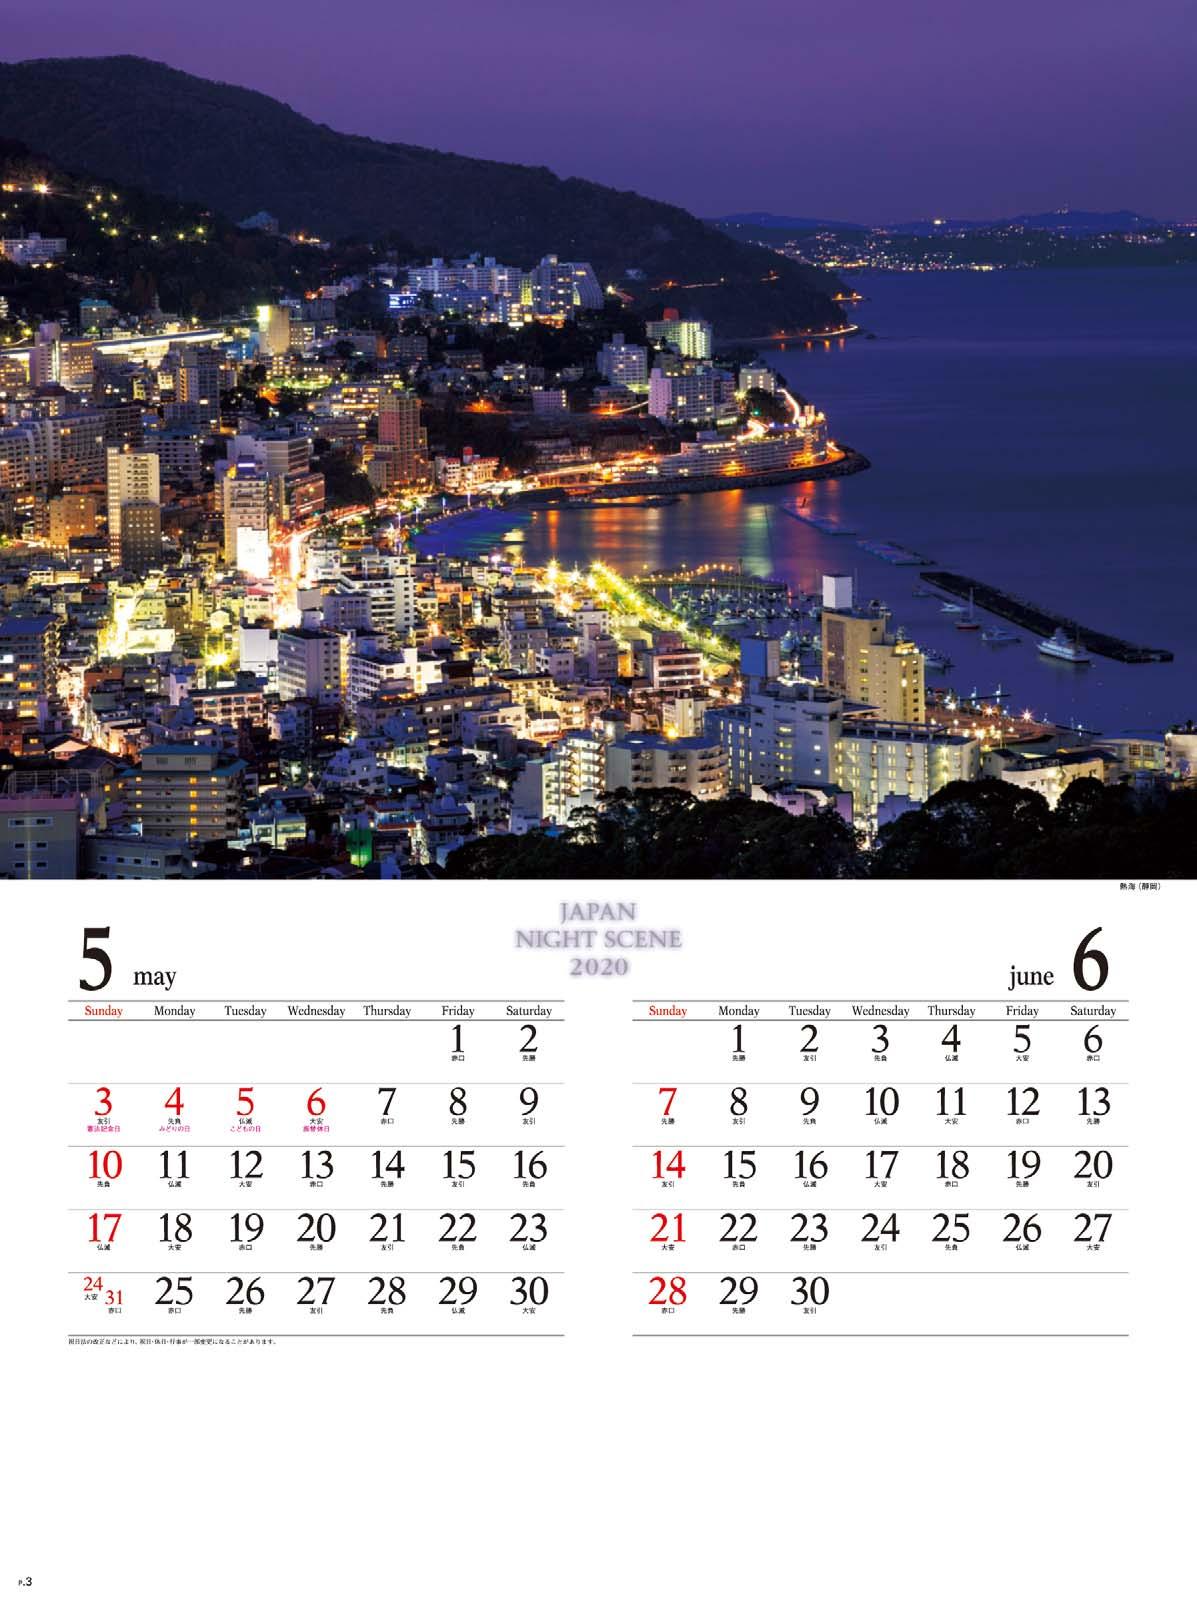 画像:熱海(静岡) ジャパンナイトシーン 日本の夜景 2020年カレンダー